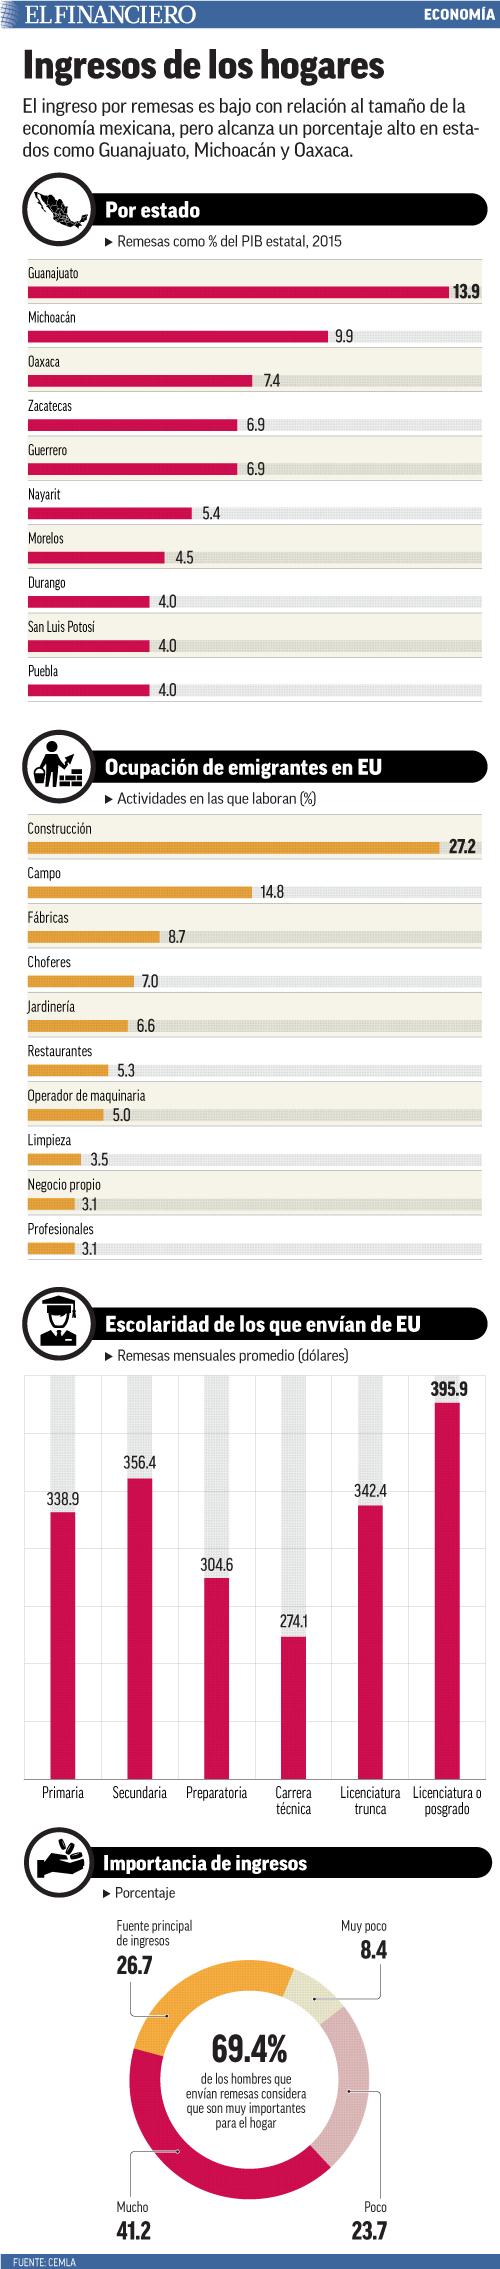 El ingreso por remesas es bajo con relación al tamaño de la economía mexicana, pero alcanza un porcentaje alto en estados como Guanajuato, Michoacán y Oaxaca.